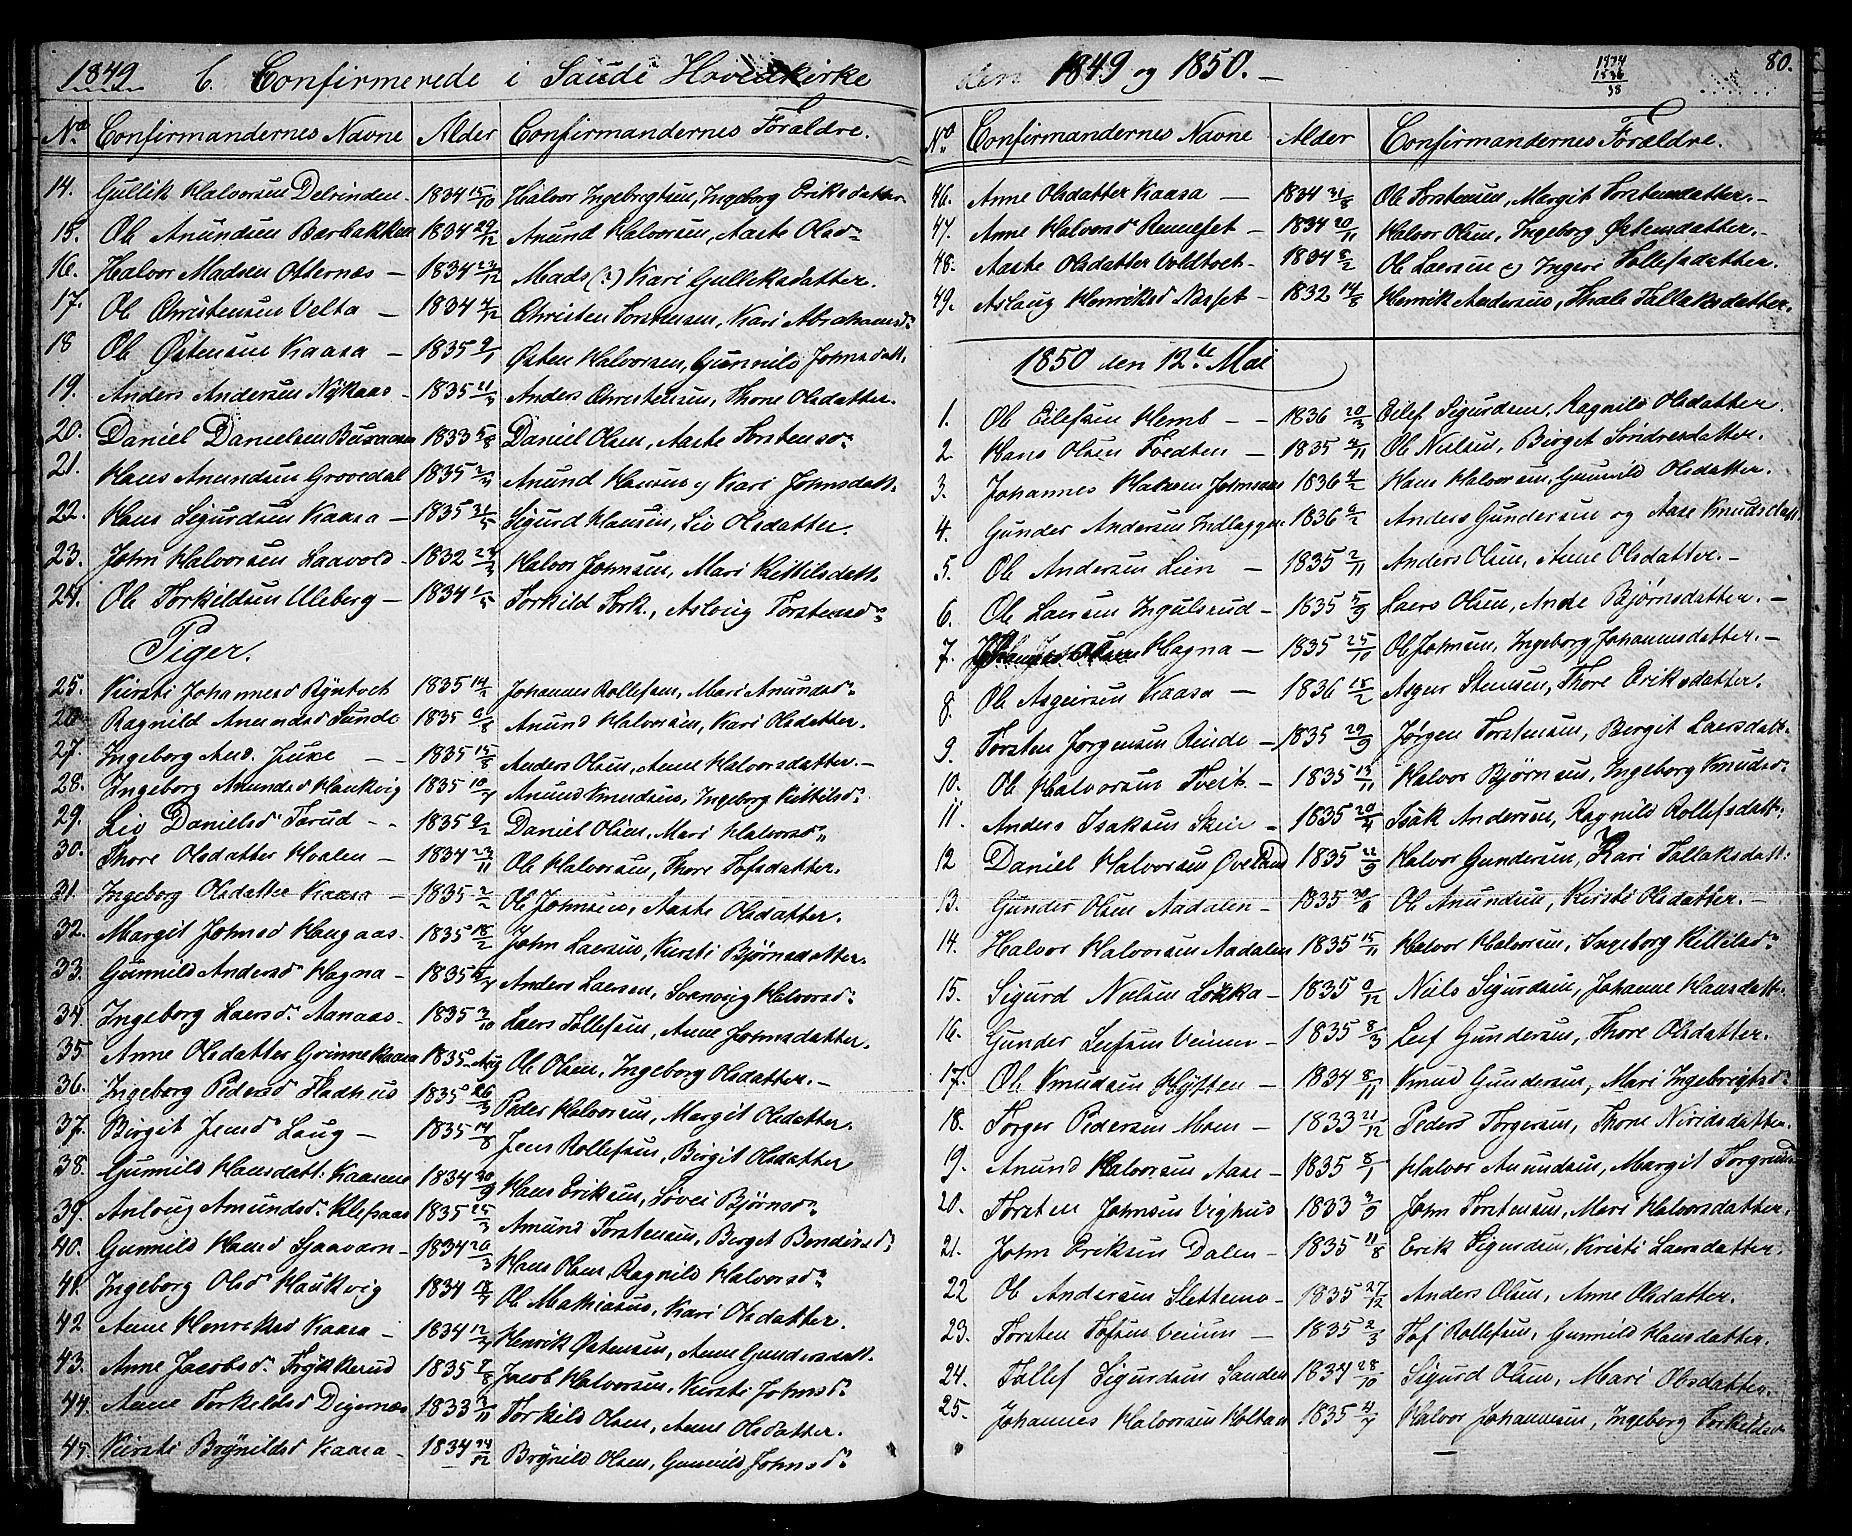 SAKO, Sauherad kirkebøker, G/Ga/L0002: Klokkerbok nr. I 2, 1842-1866, s. 80